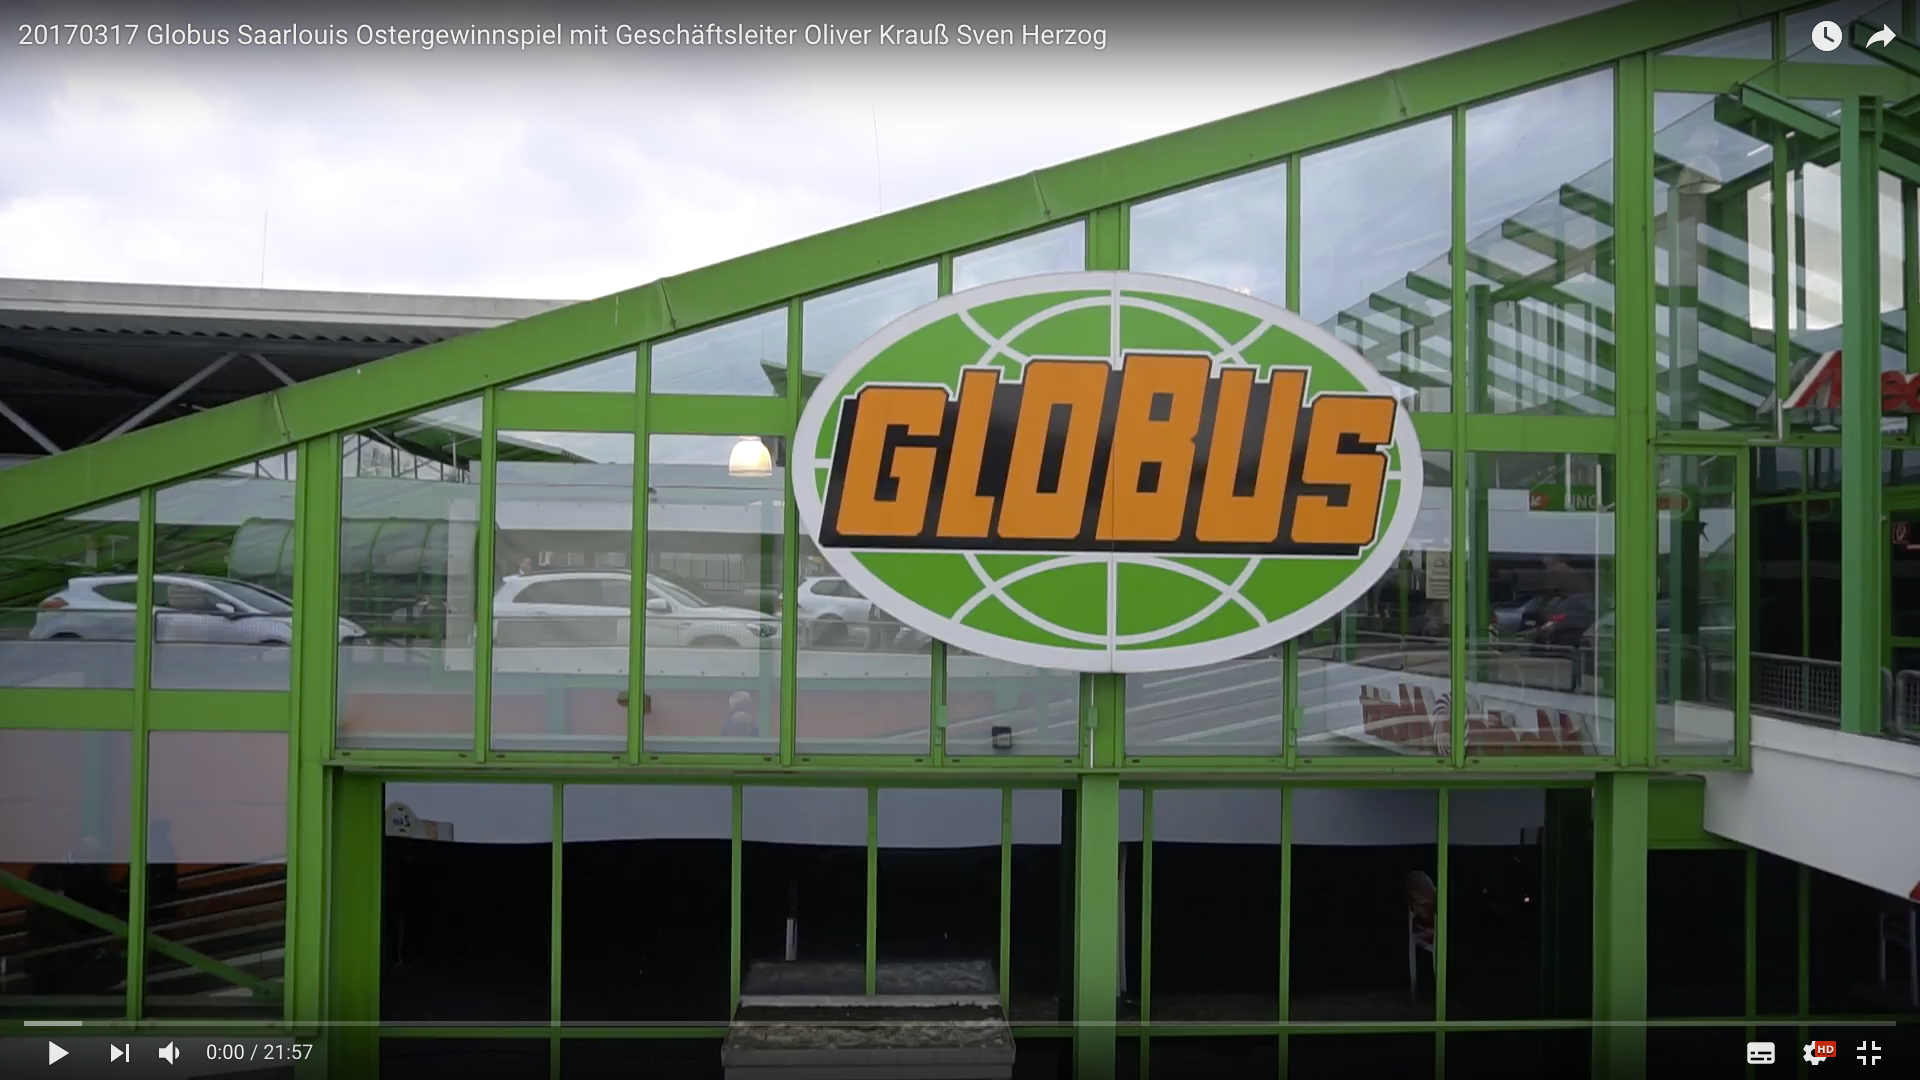 2017 Globus Saarlouis Ostergewinnspiel Globus_MSM_MEDIEN_SAAR_MOSEL_SAARLAND_FERNSEHEN_1_ED_SAAR